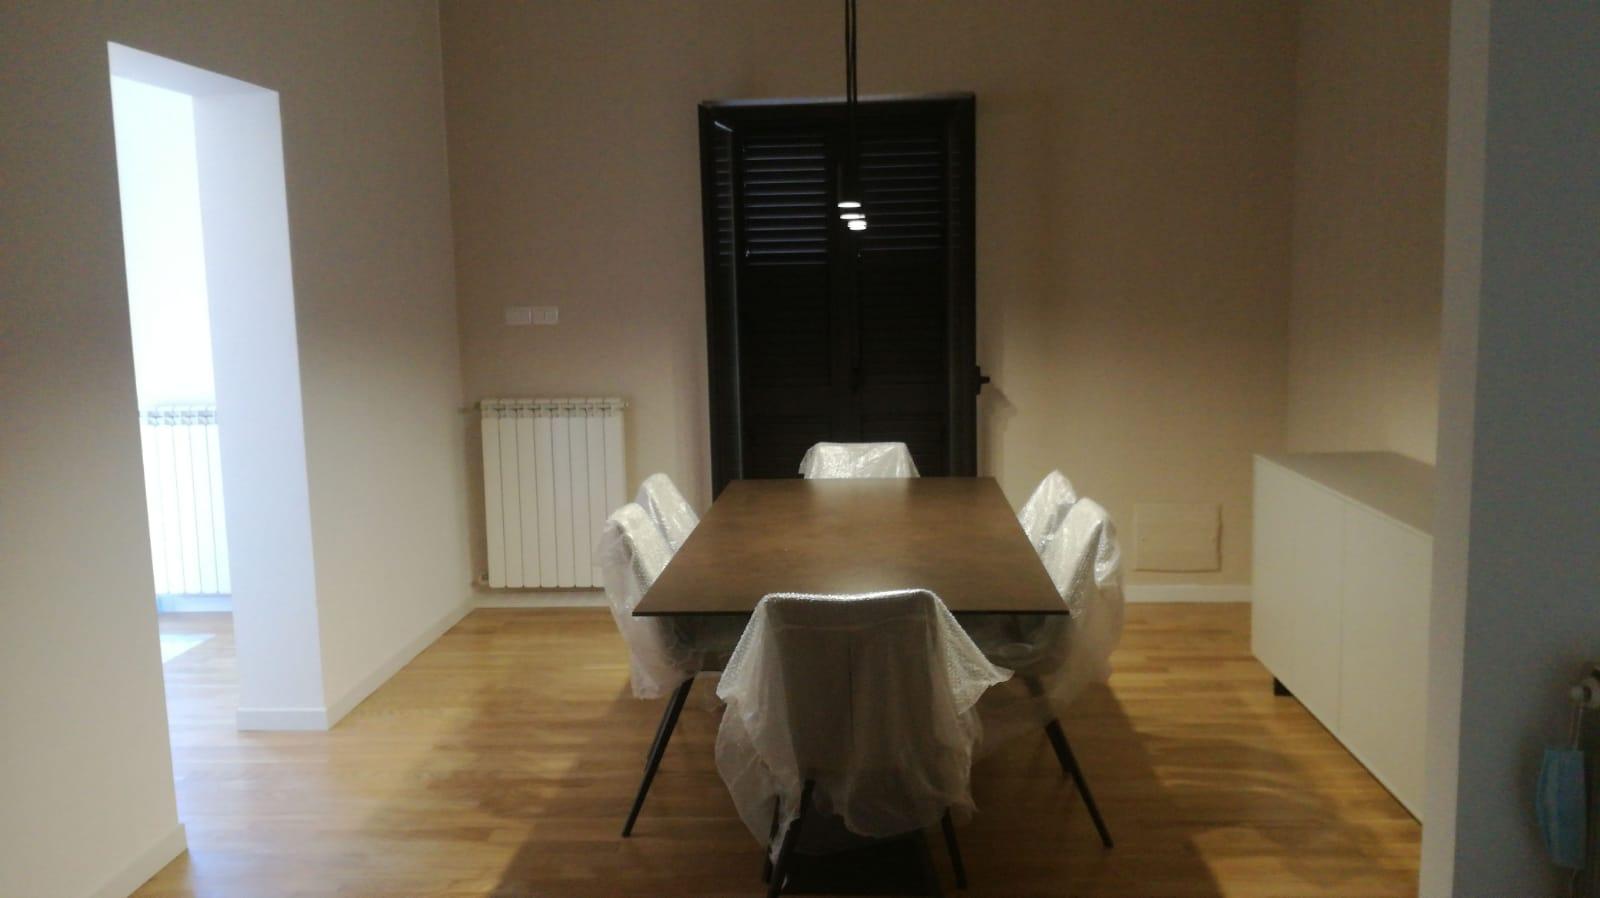 living room a realizzato a ruggito da viteritti arredamenti